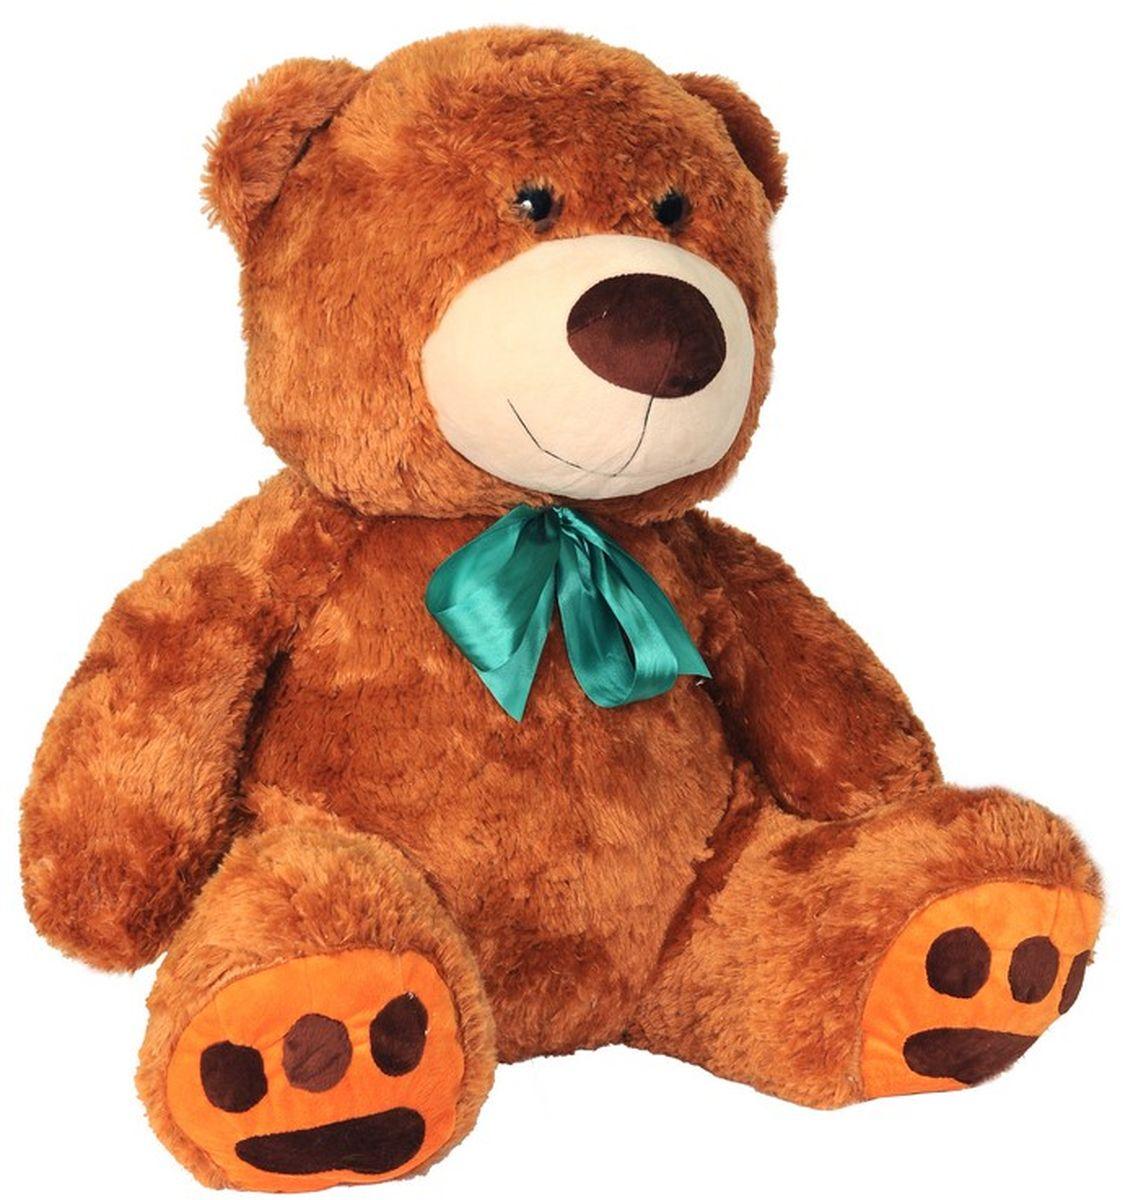 СмолТойс Мягкая игрушка Медведь цвет коричневый 70 см